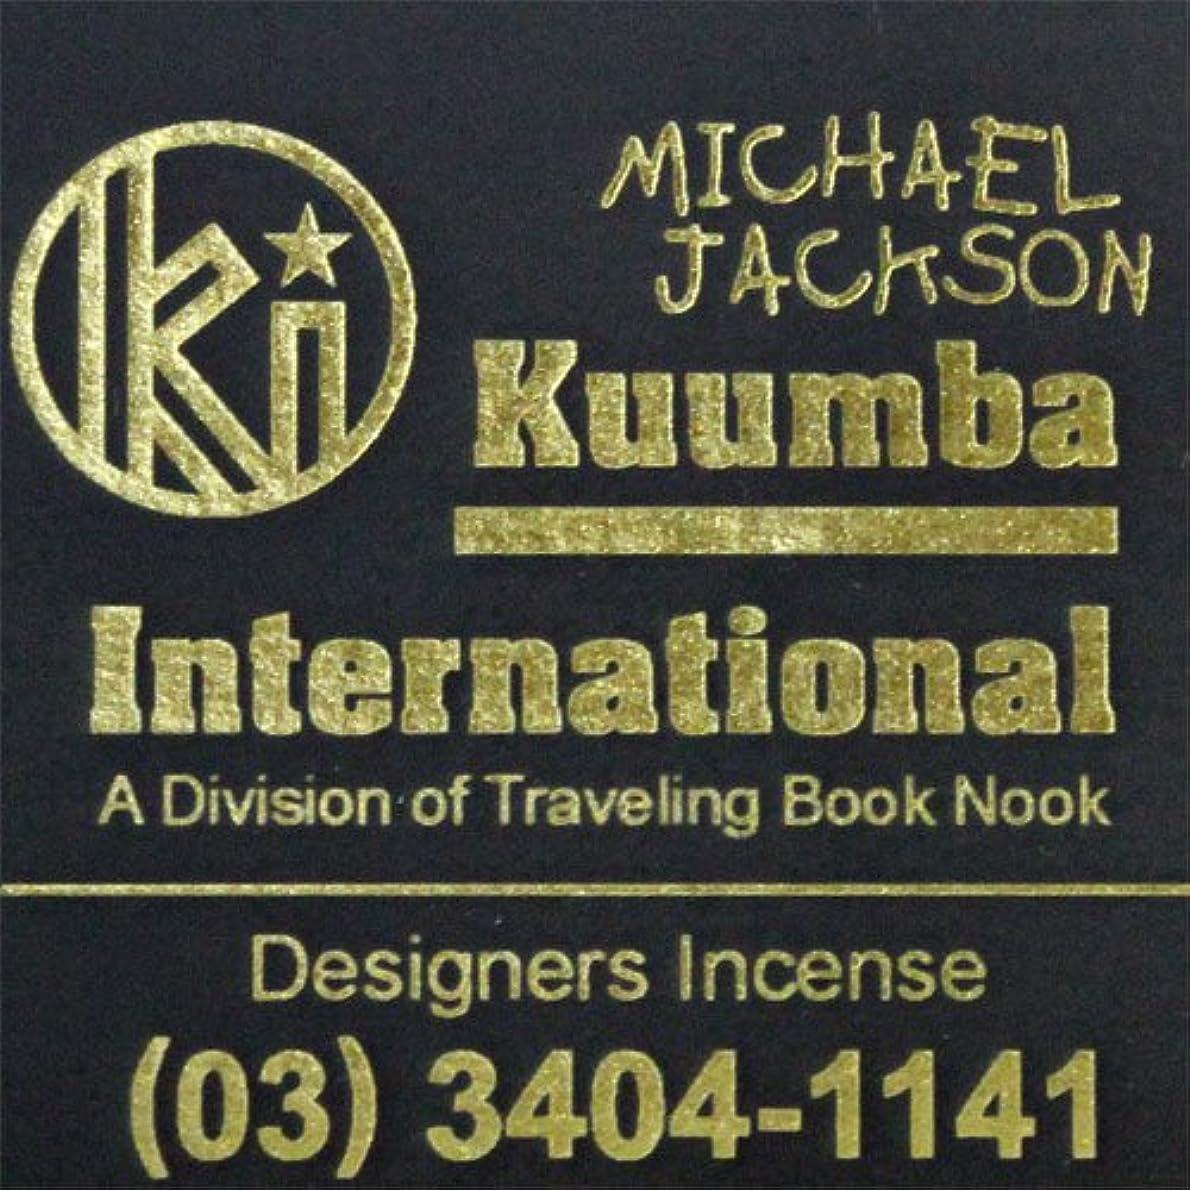 周辺報奨金常習者(クンバ) KUUMBA『incense』(MICHAEL JACKSON) (Regular size)